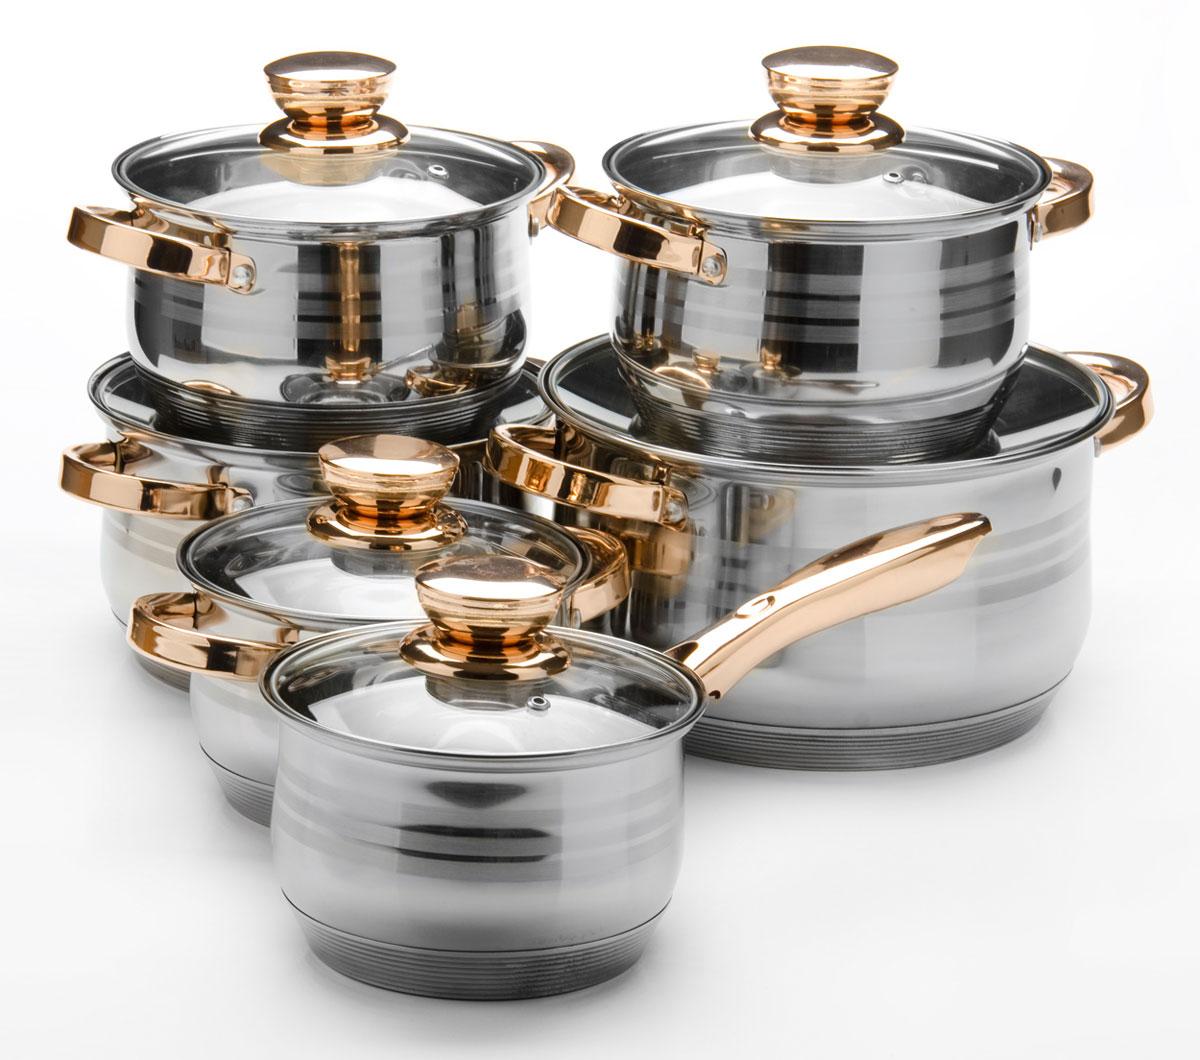 Набор посуды Mayer & Boch, 12 предметов. 26036260362,1+2,1+2,9+2,9+3,9+6,6л.